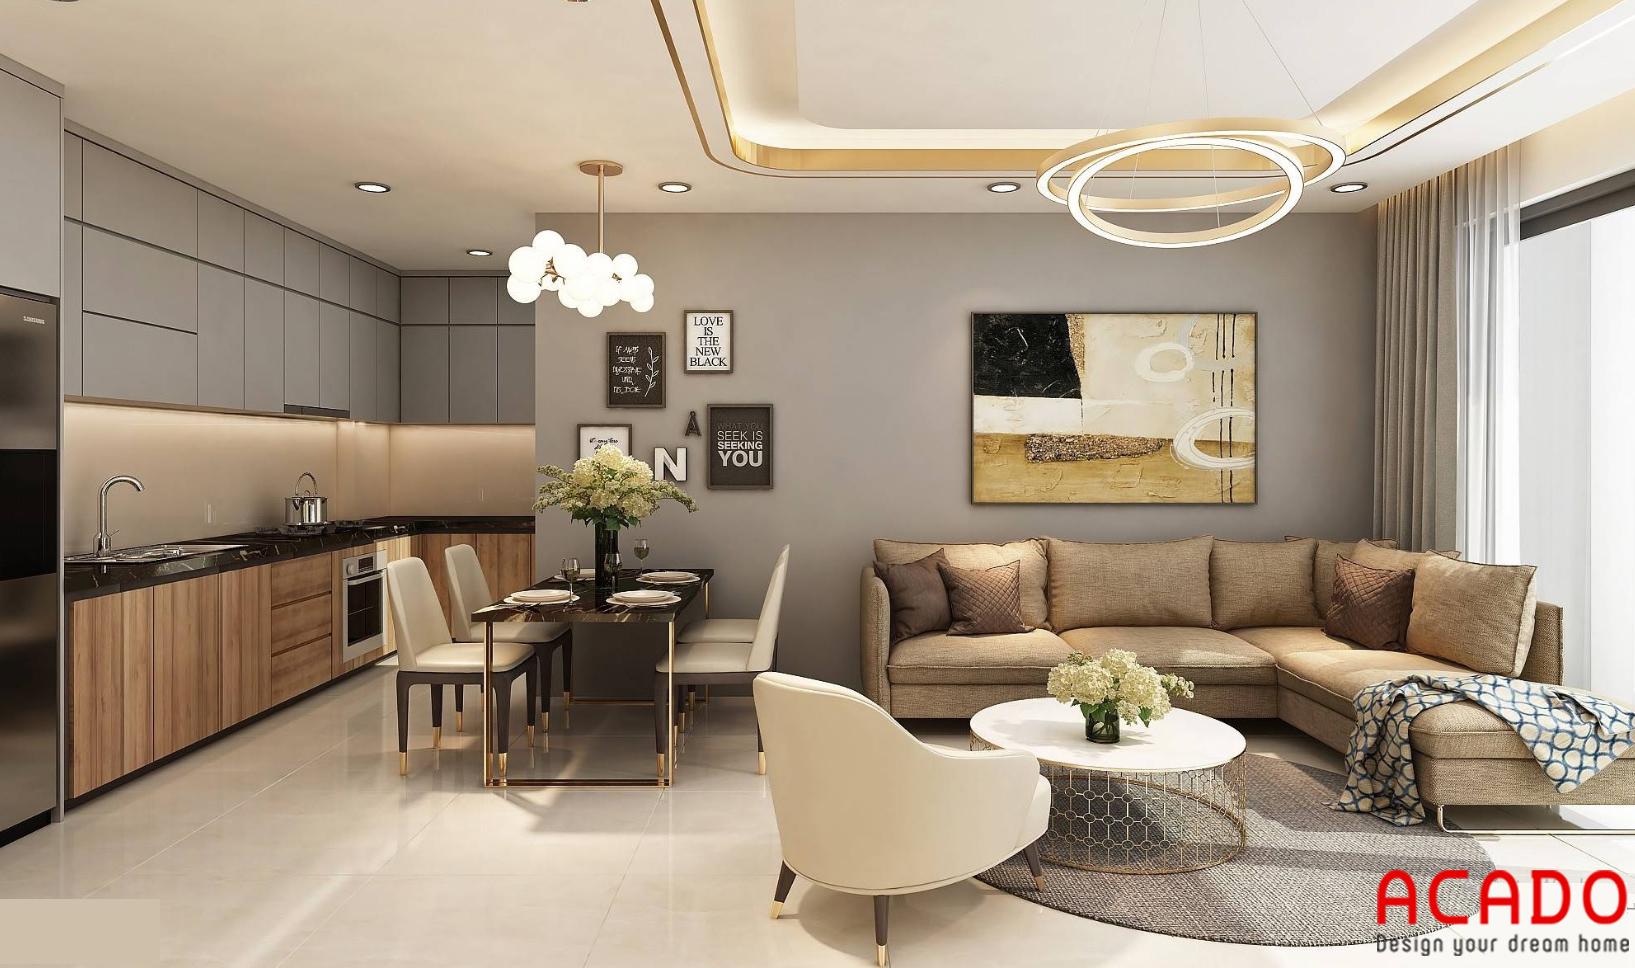 Bộ bàn ăn gọn gàng, phòng khách cùng bộ sofa màu nâu nhạt